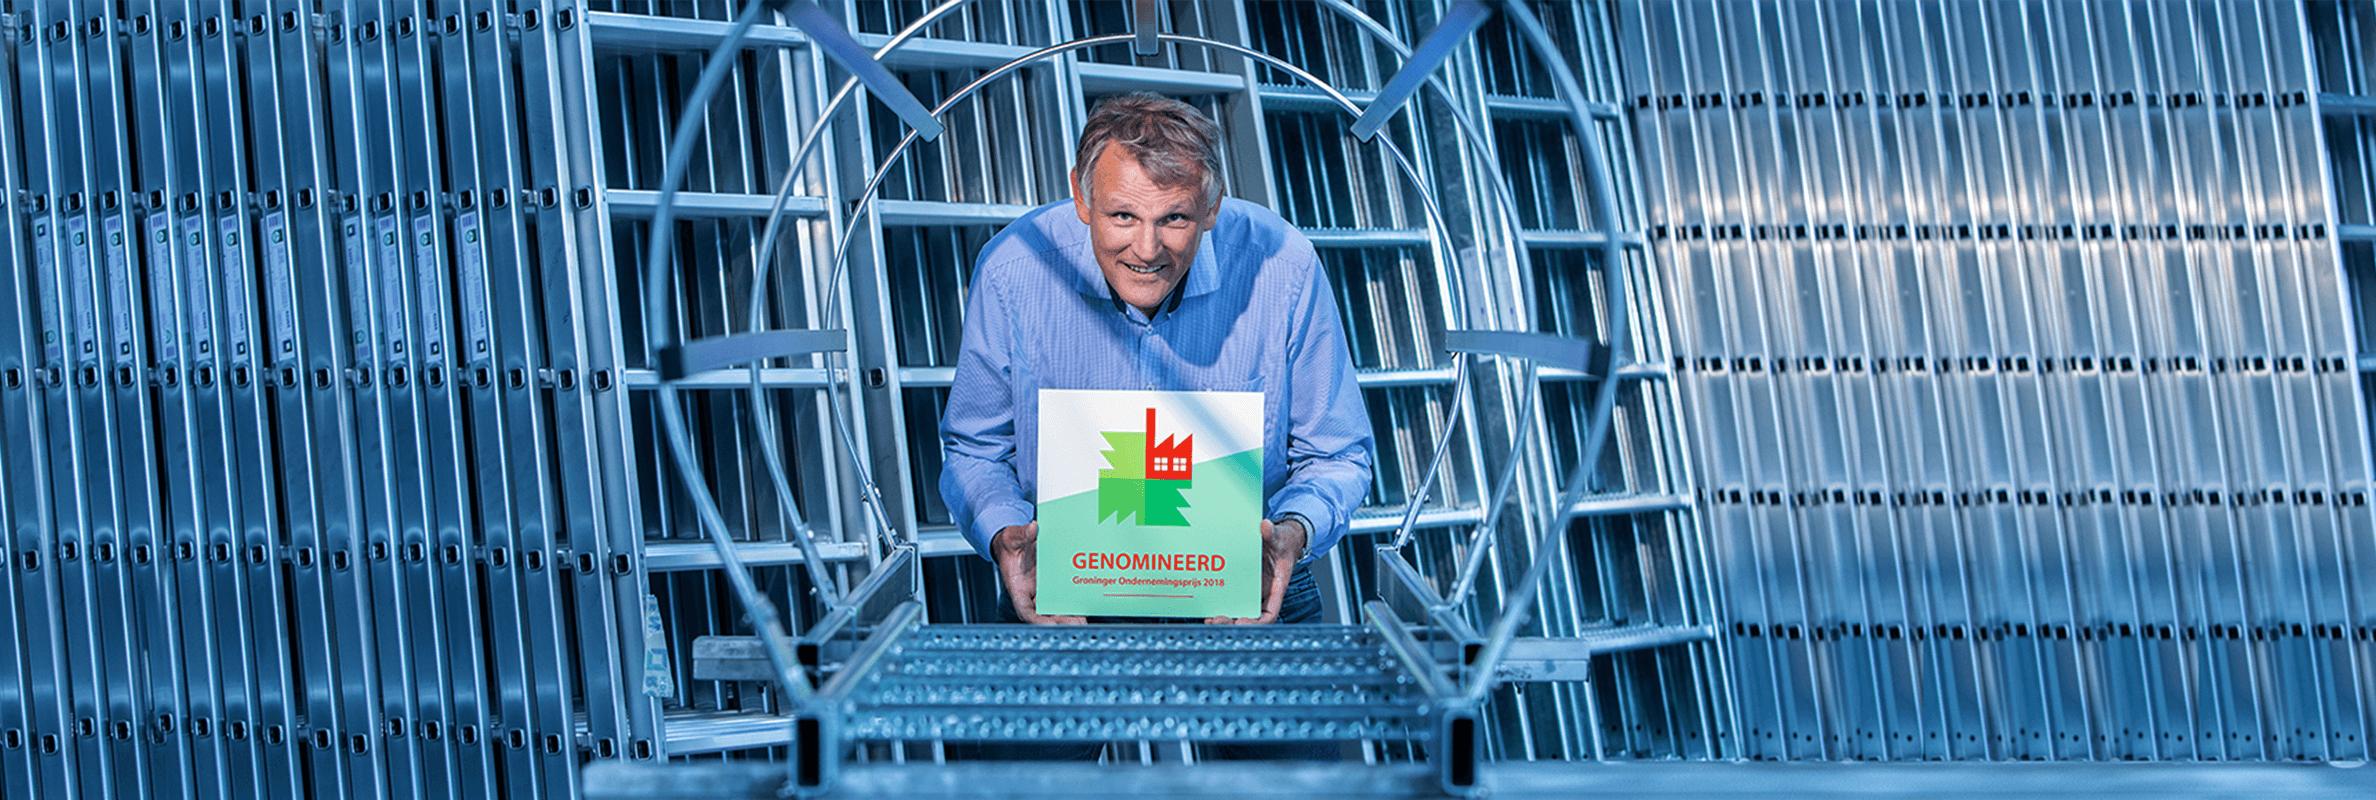 Eddy Roossien met nominatieprijs Groninger Ondernemingsprijs 2018